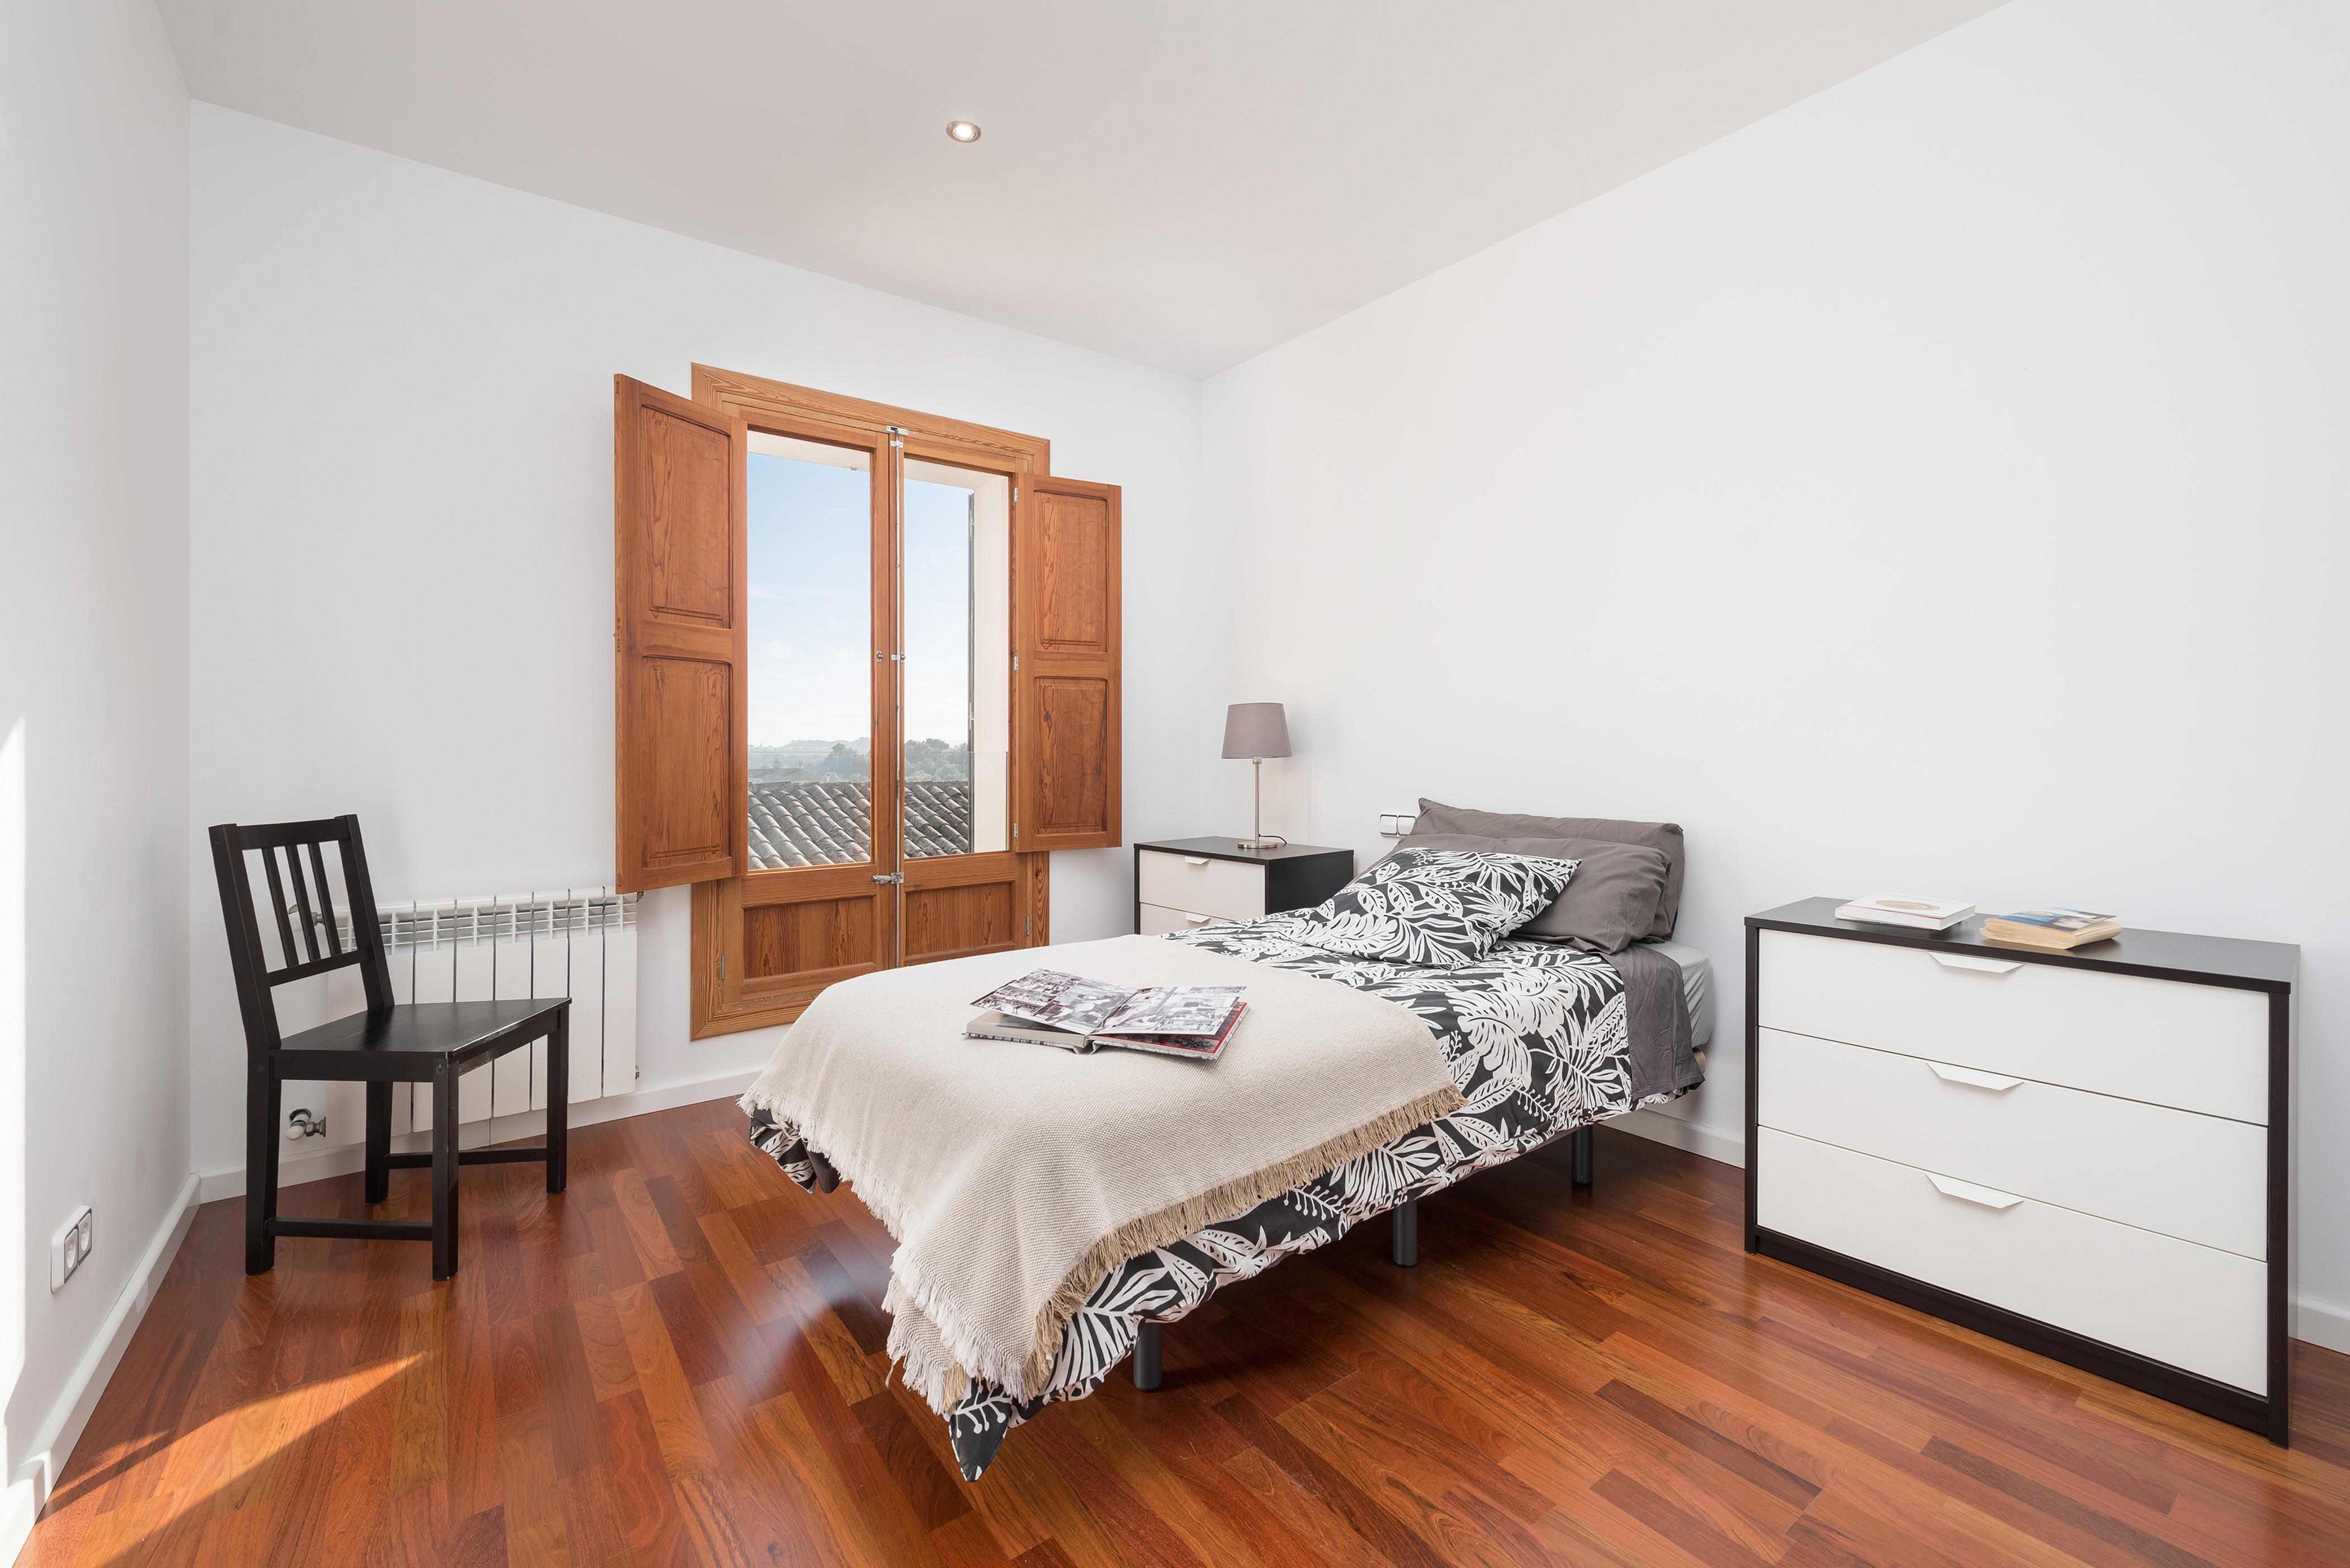 Maison de vacances CAN DOMINGO (2246405), Lloret de Vistalegre, Majorque, Iles Baléares, Espagne, image 11